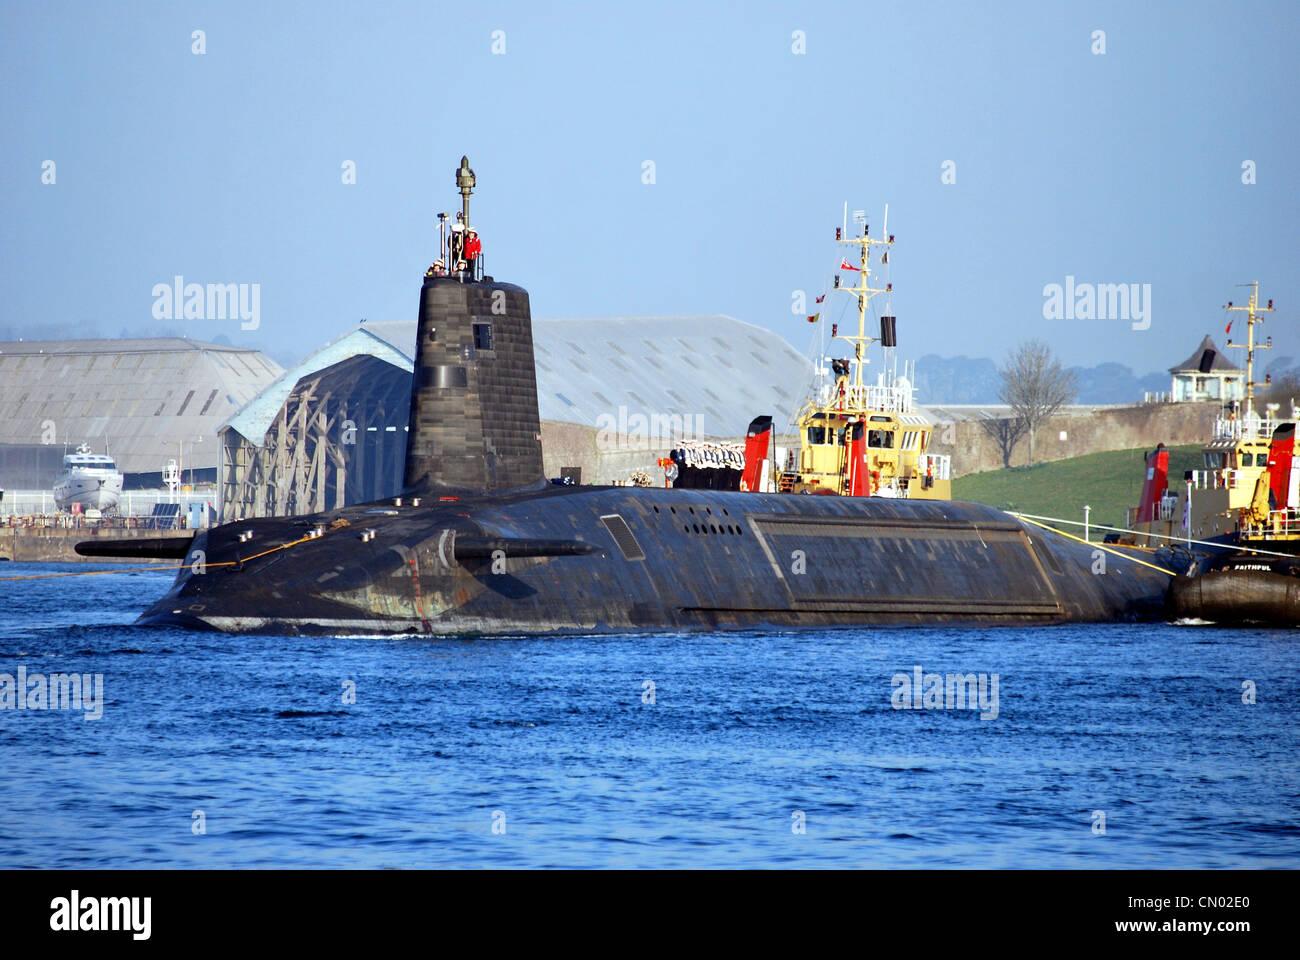 El submarino HMS vigilante de la Royal Navy zarpa de Devonport en Plymouth para senderos del mar después de Imagen De Stock